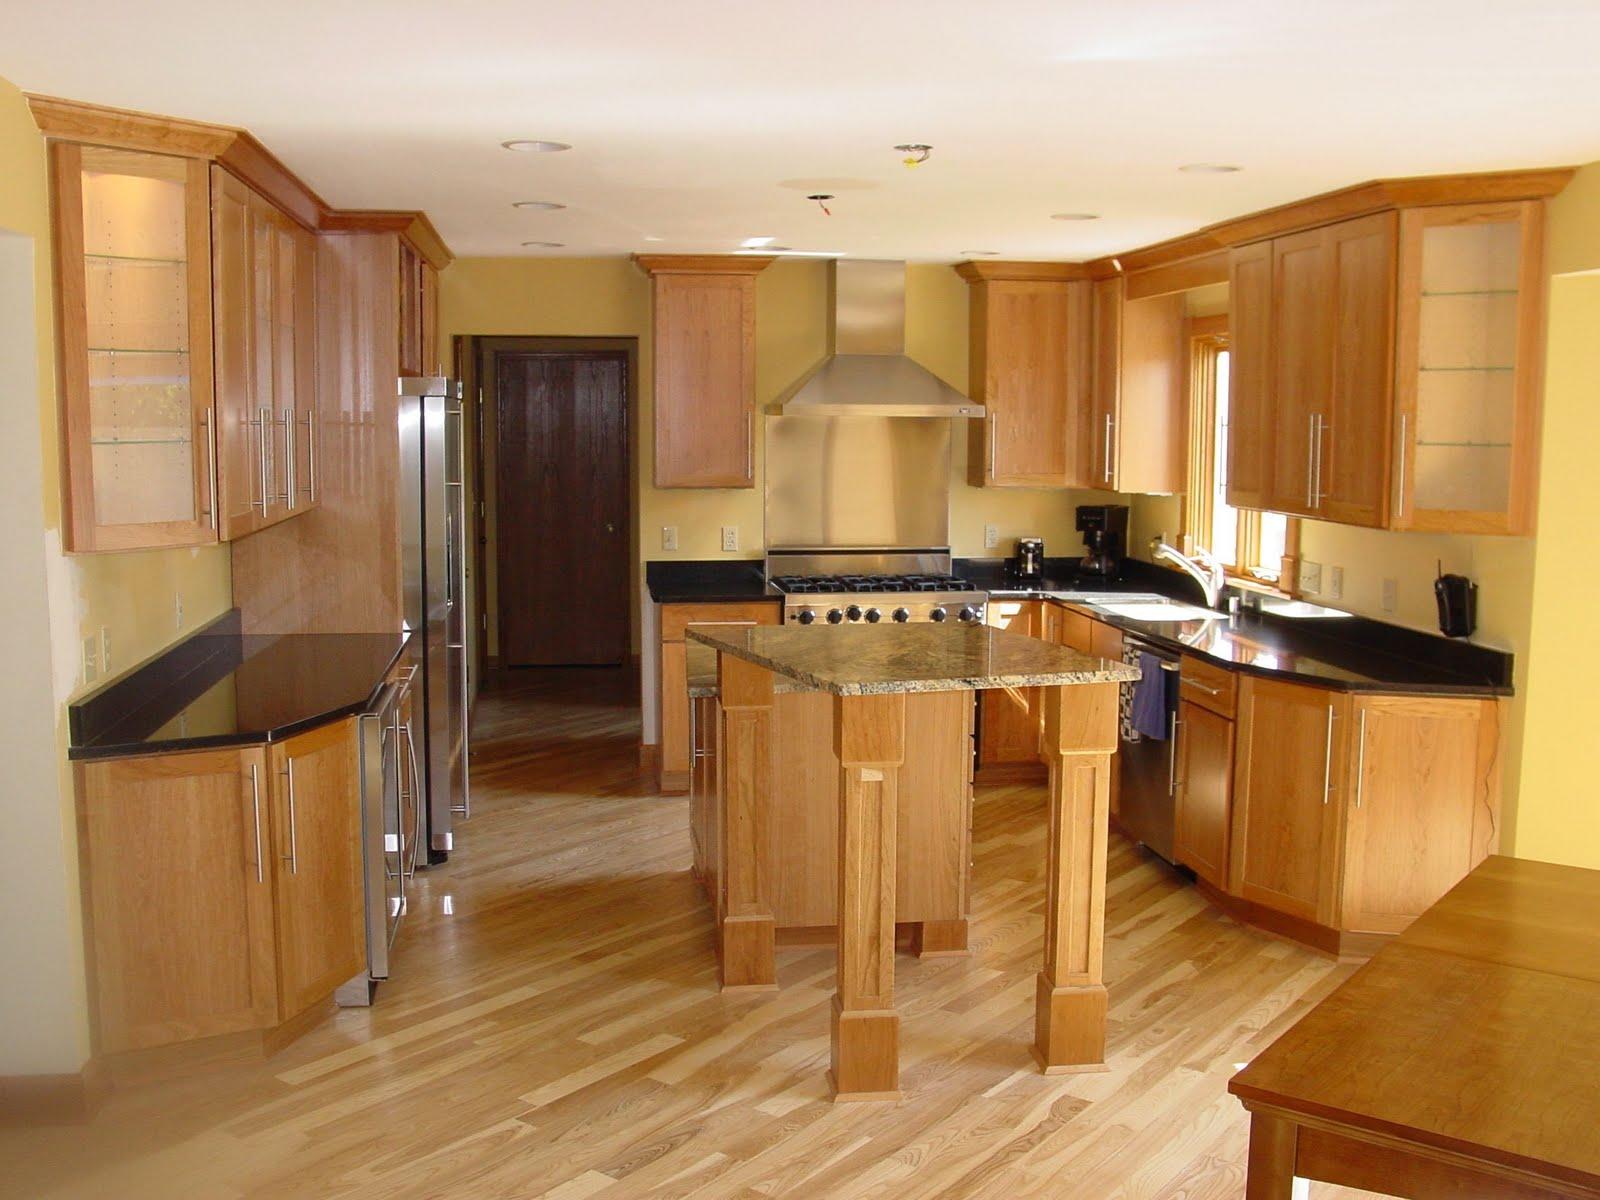 Cocinas de madera for Cocinas modernas color madera